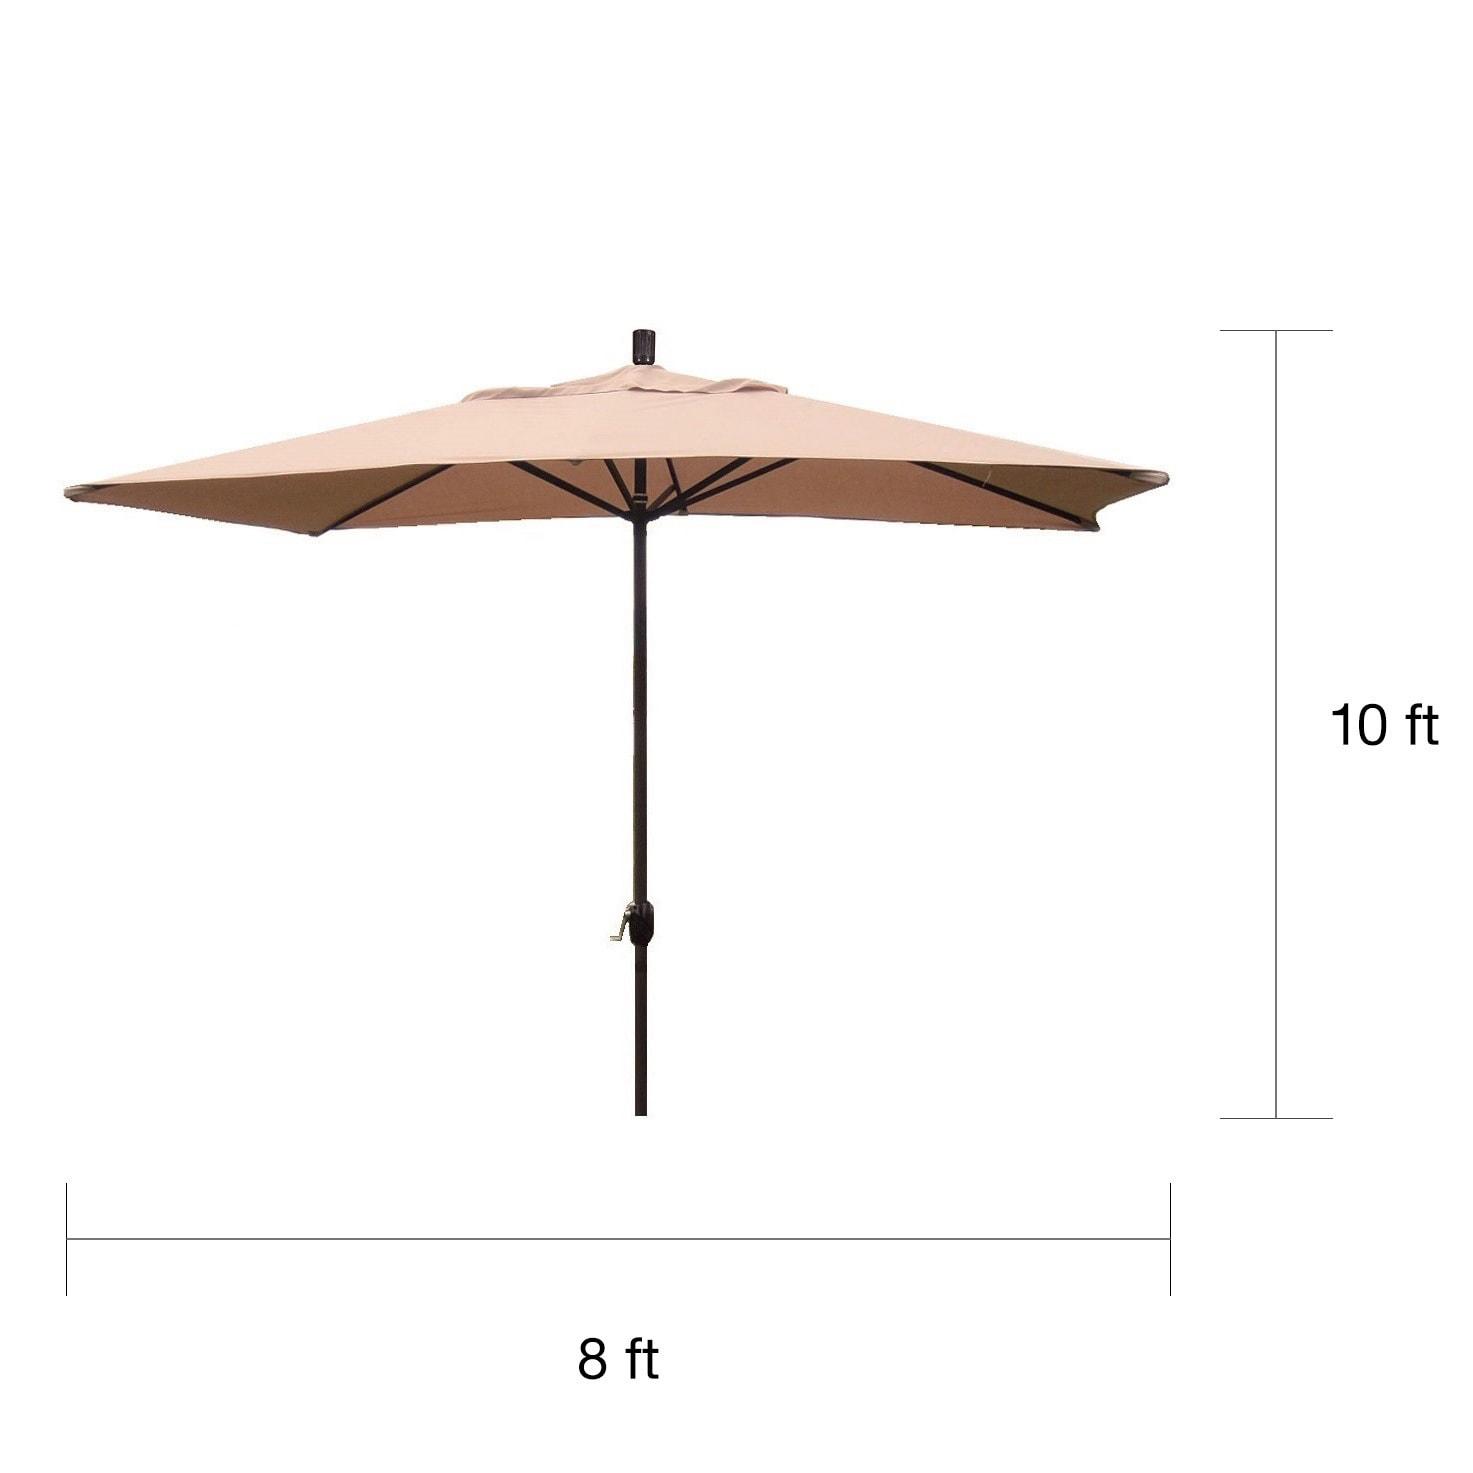 umbrellas large pictures umbrella amazing with rectangular patio best